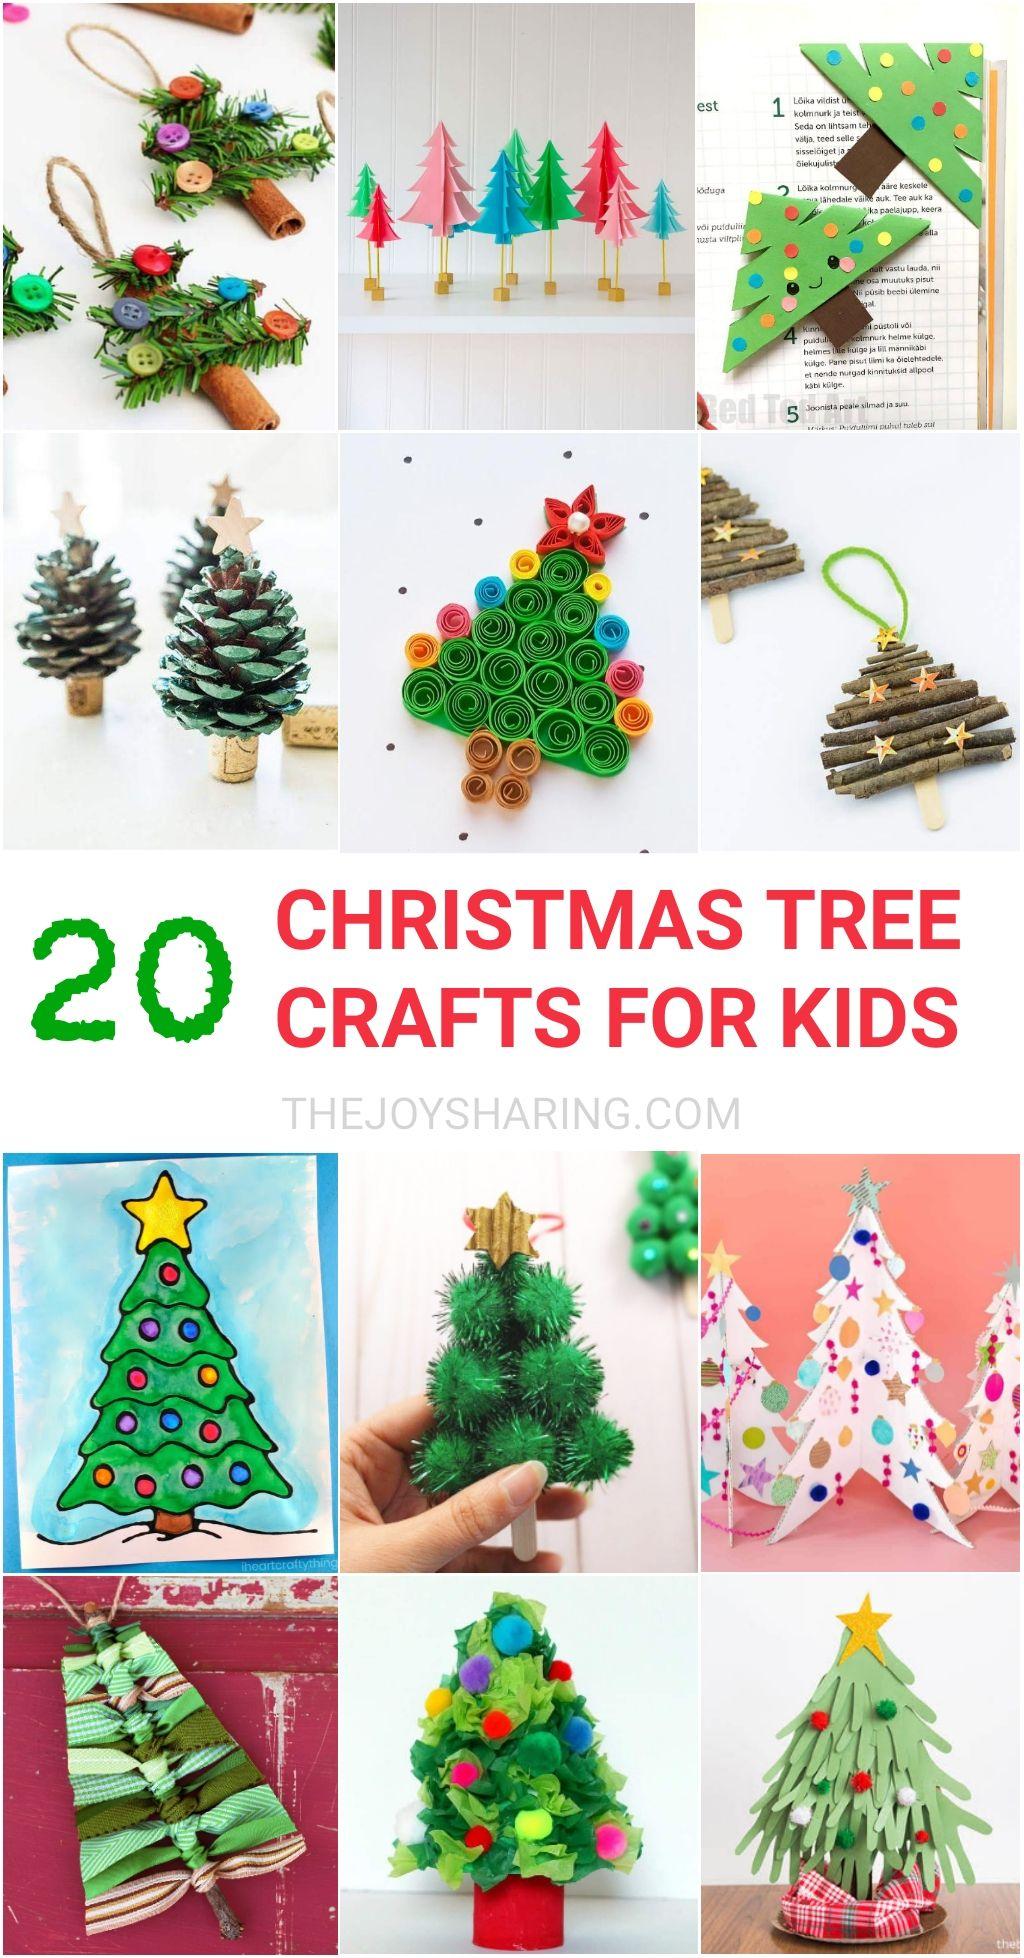 20 Christmas Tree Crafts For Kids Christmas Tree Crafts Christmas Crafts Christmas Crafts For Kids